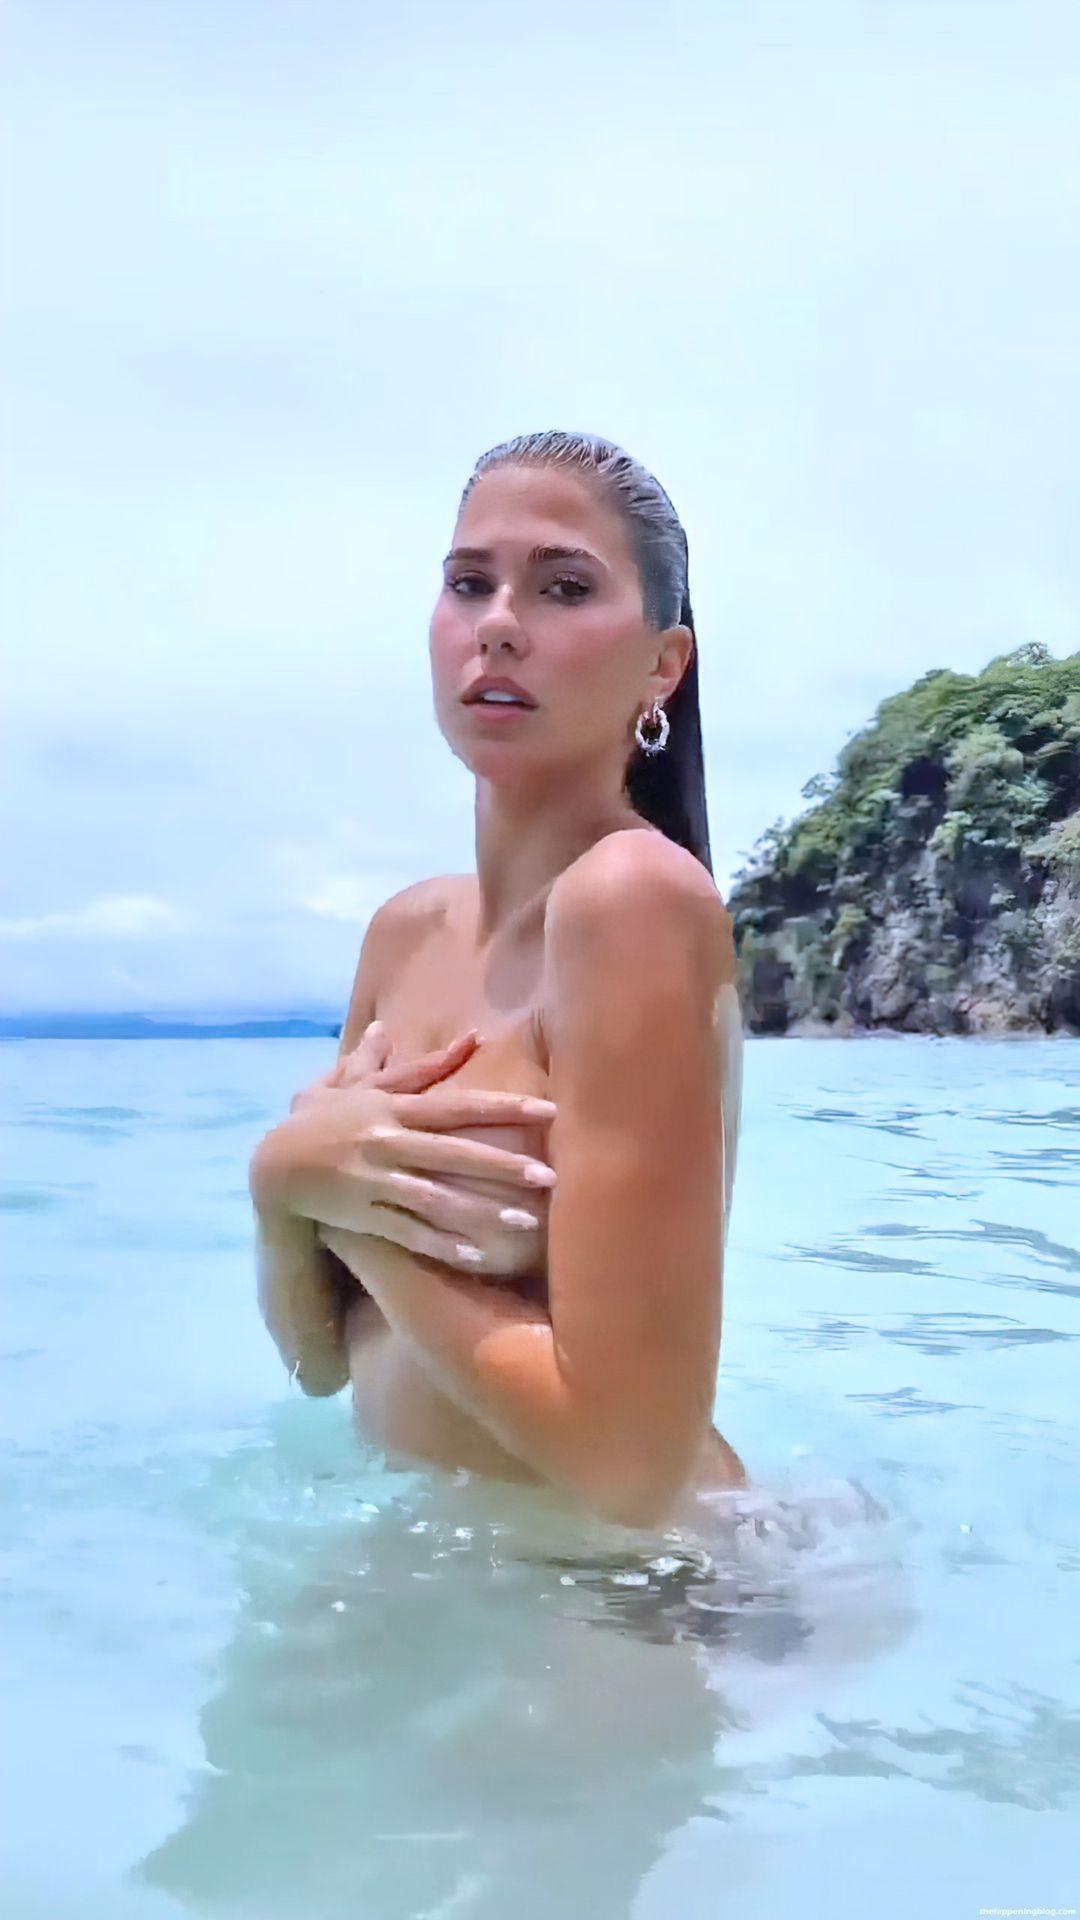 Kara-Del-Toro-Topless-Pics-2-thefappeningblog.com_.jpg